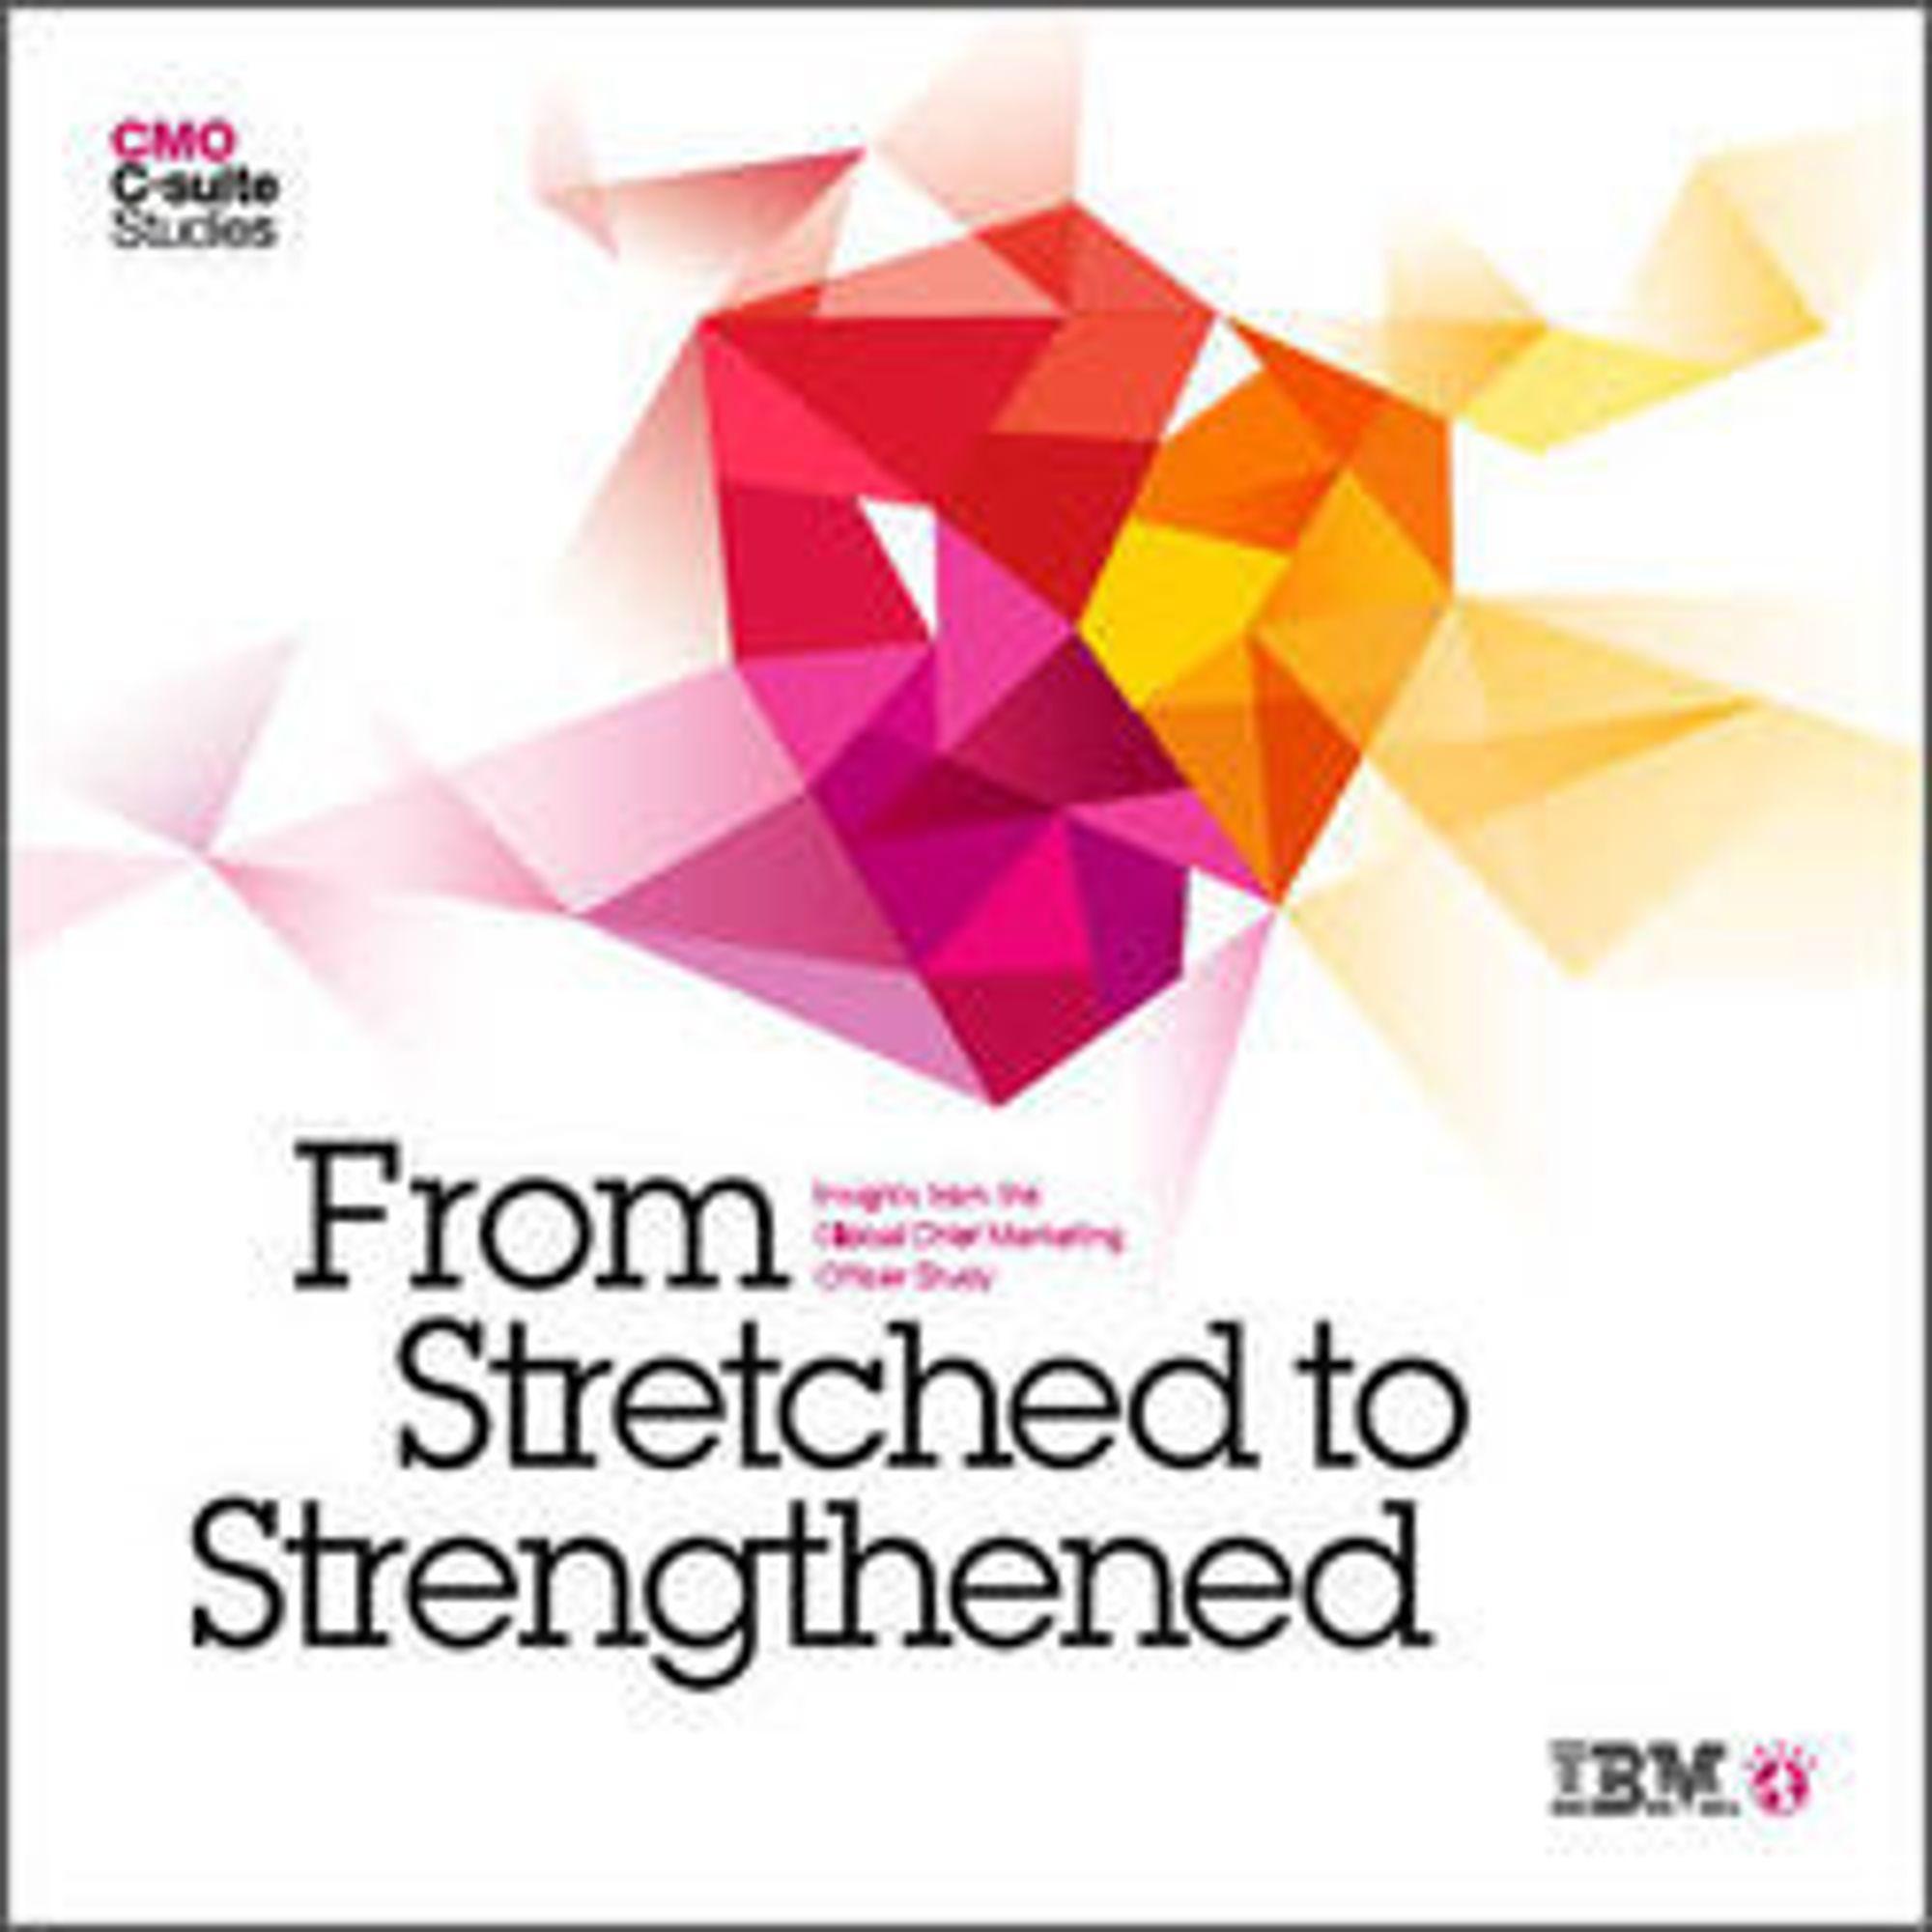 Global CMO Study kan lastes ned fra IBMs nettsted.